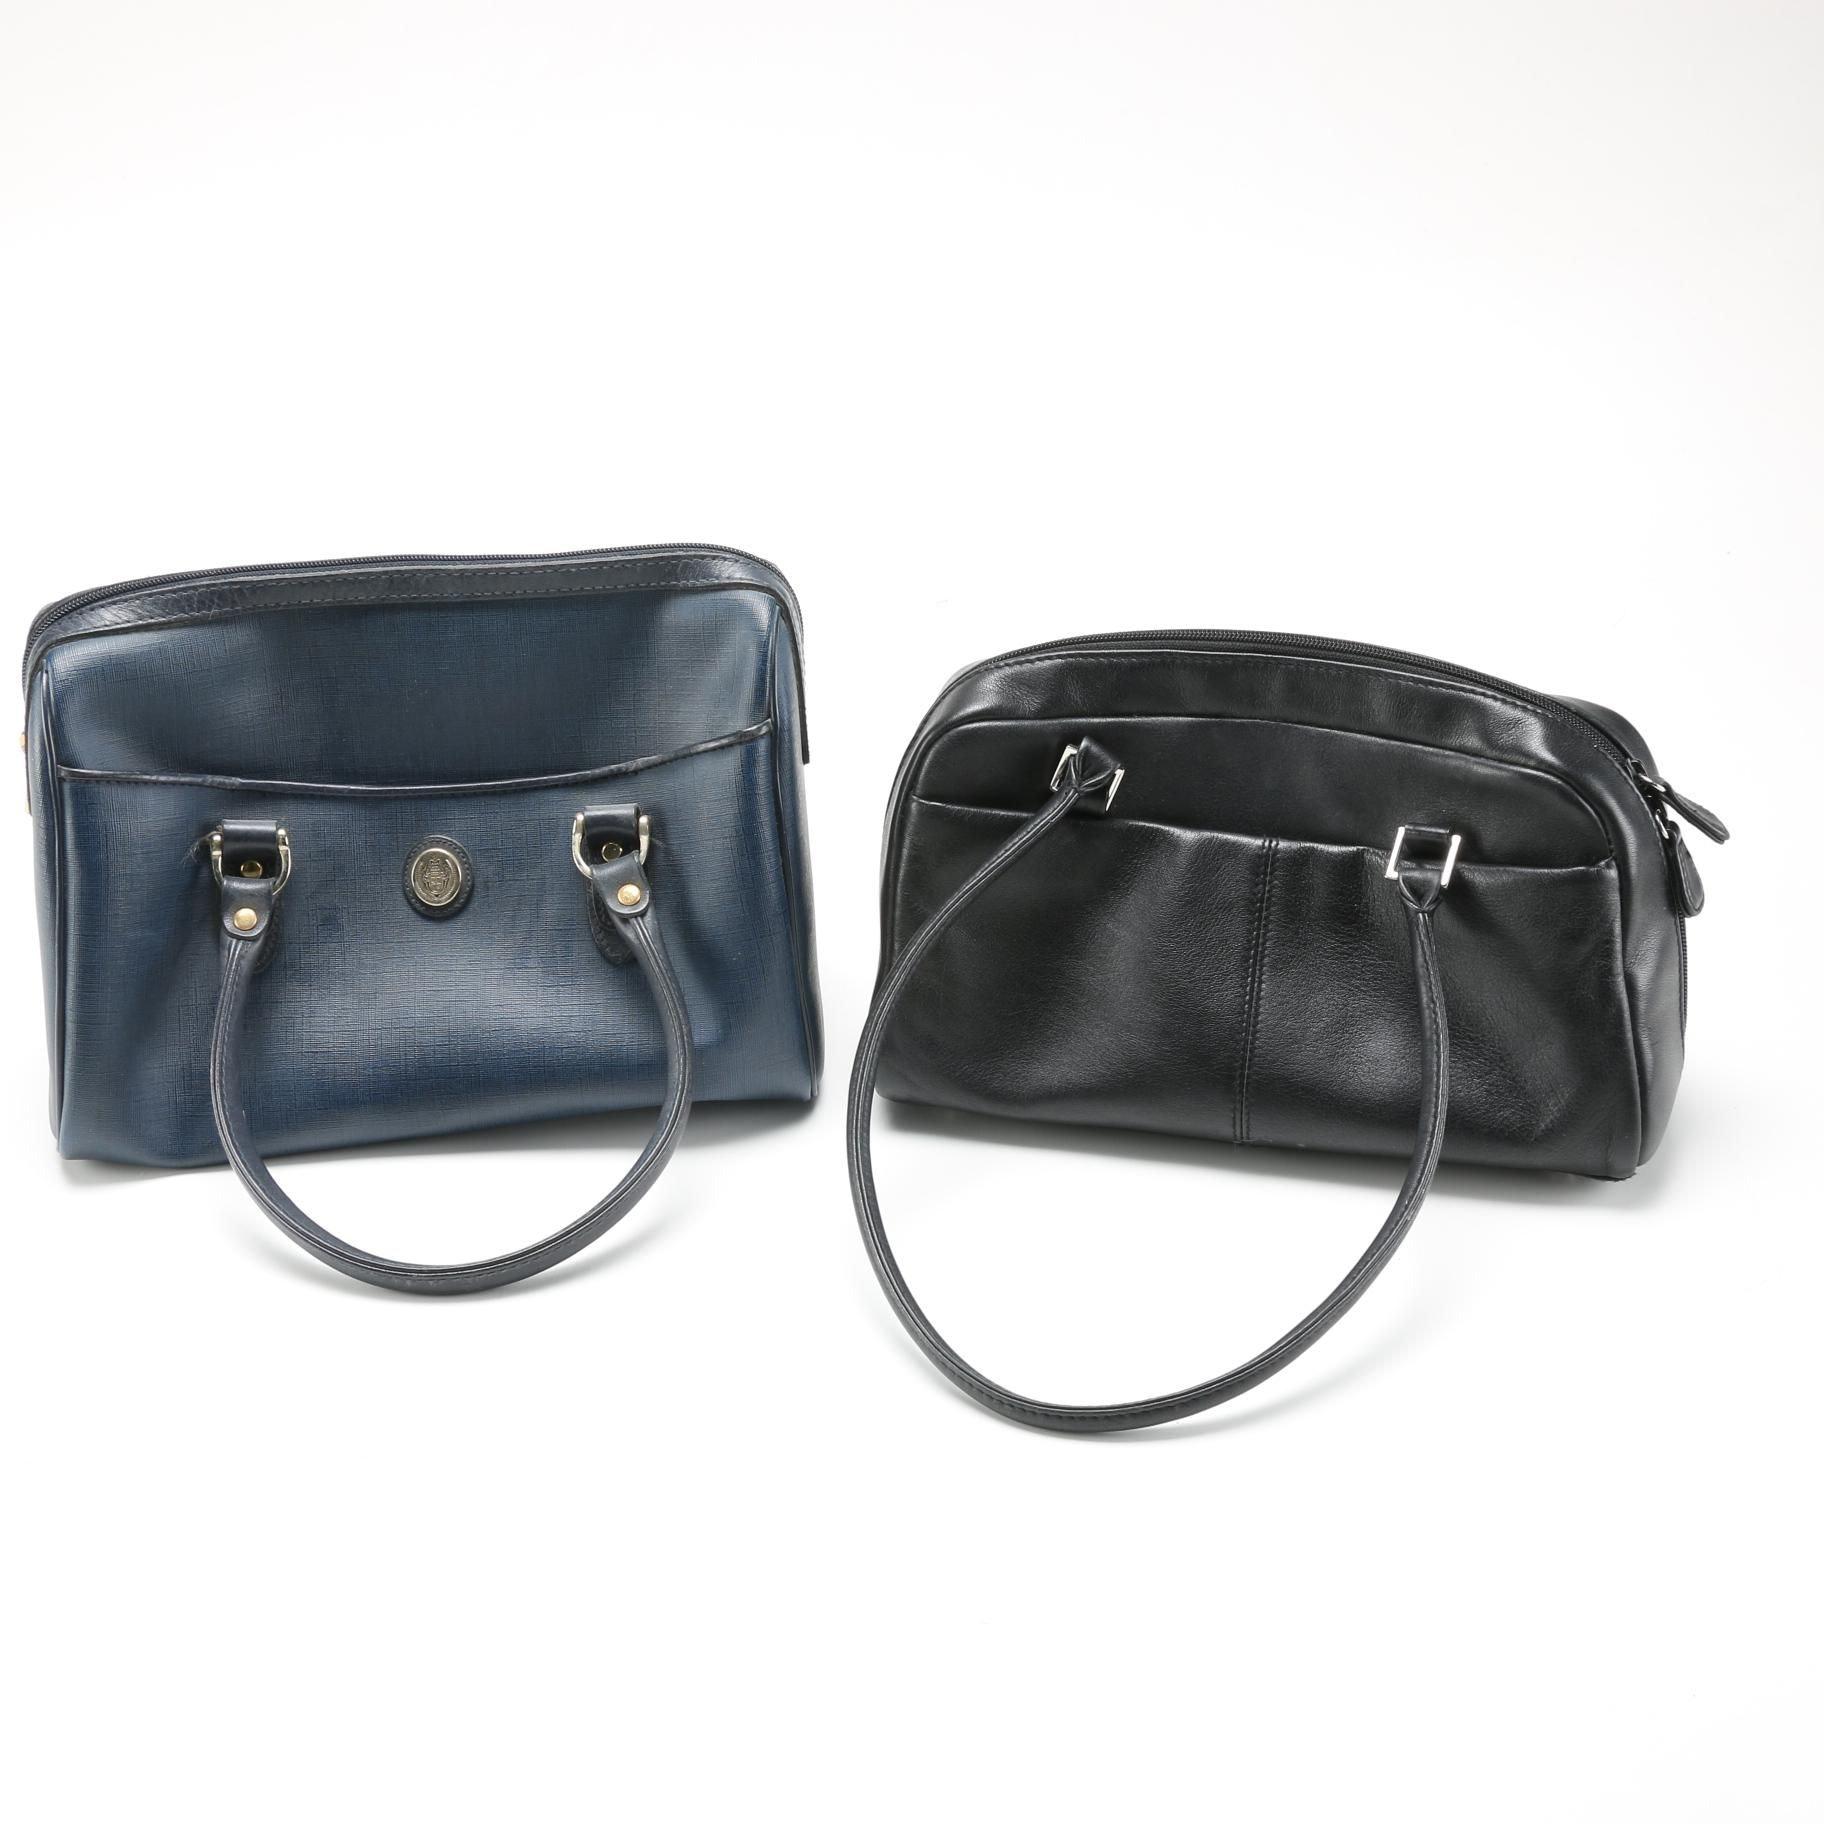 Pair of Liz Claiborne and Etienne Aigner Handbags